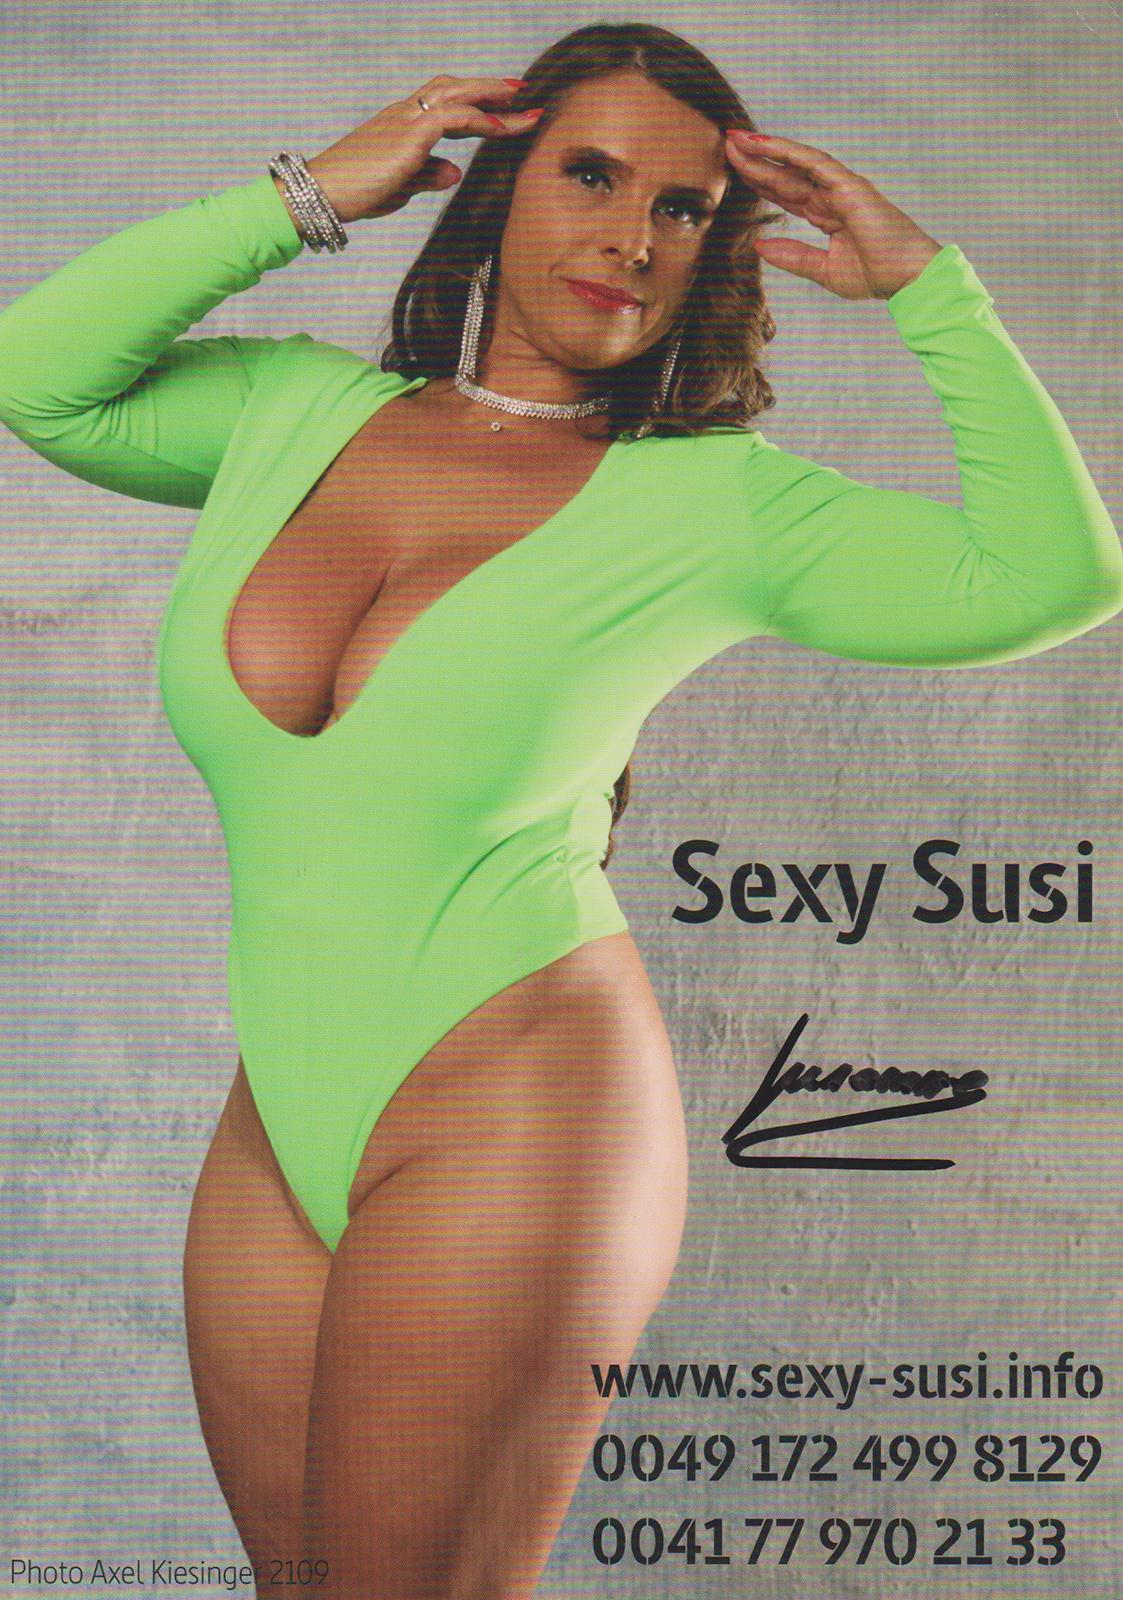 Susi sexi Sexy Susi